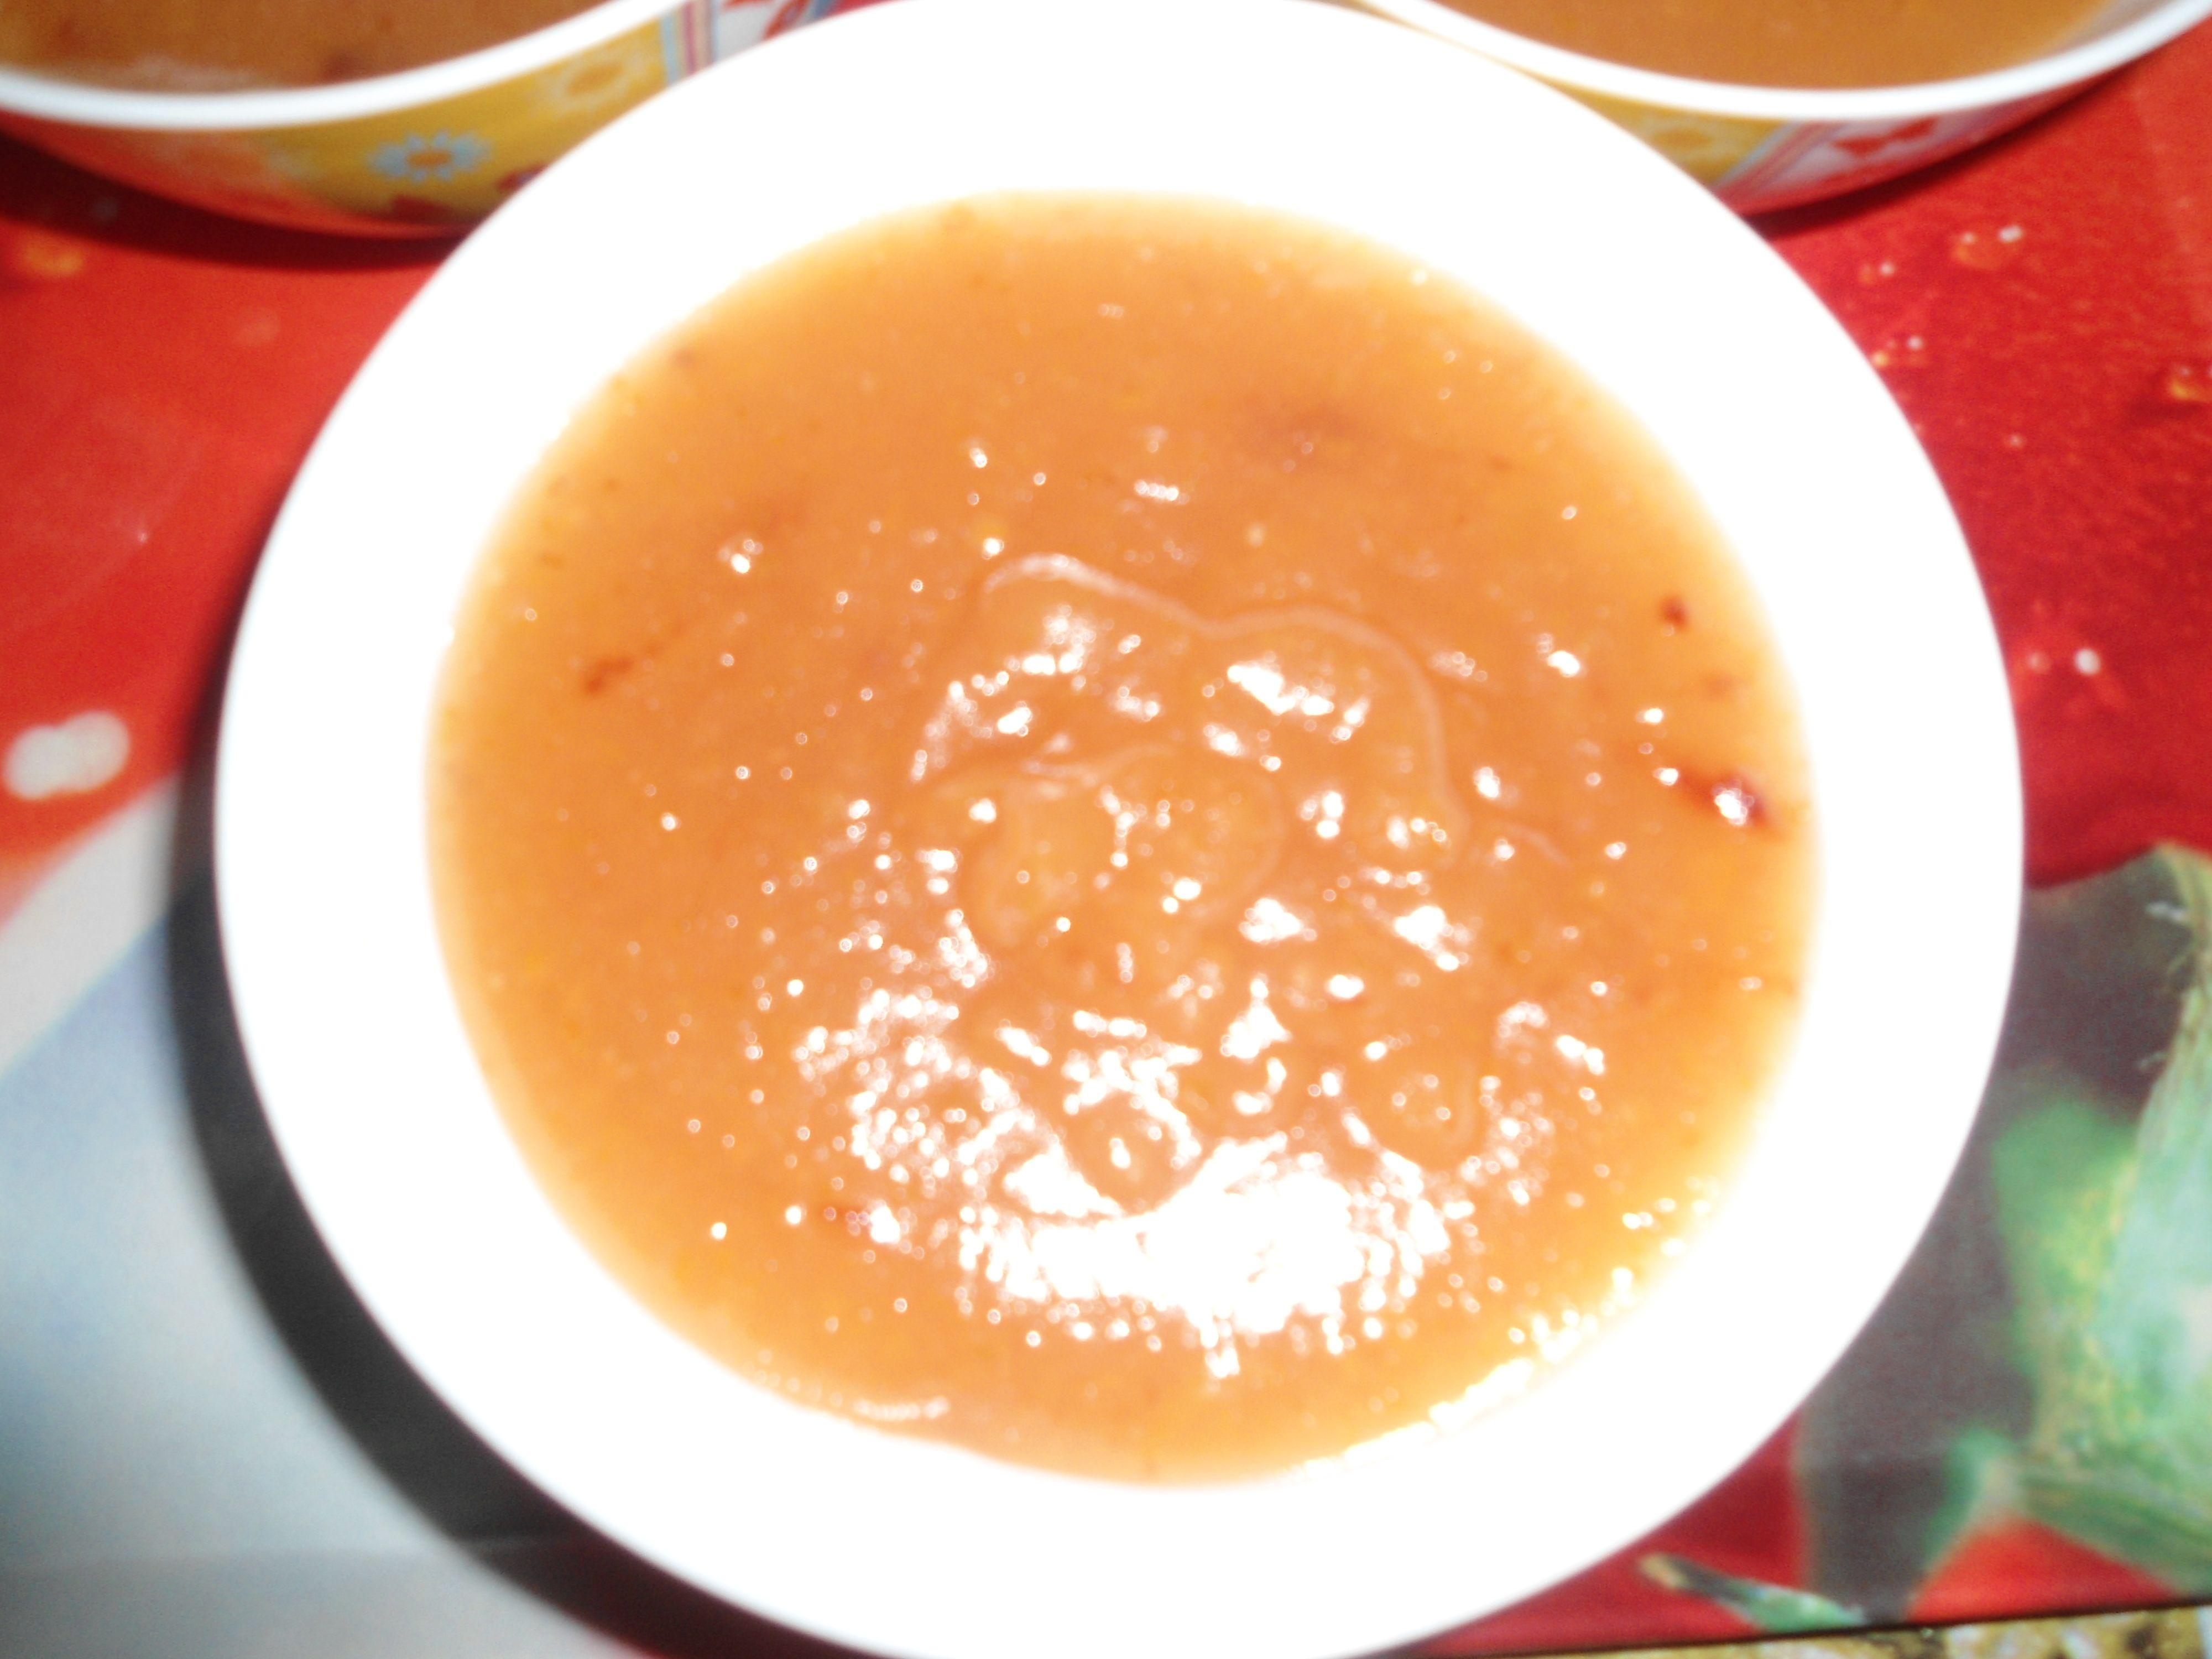 Marmelada caseira, de marmelo